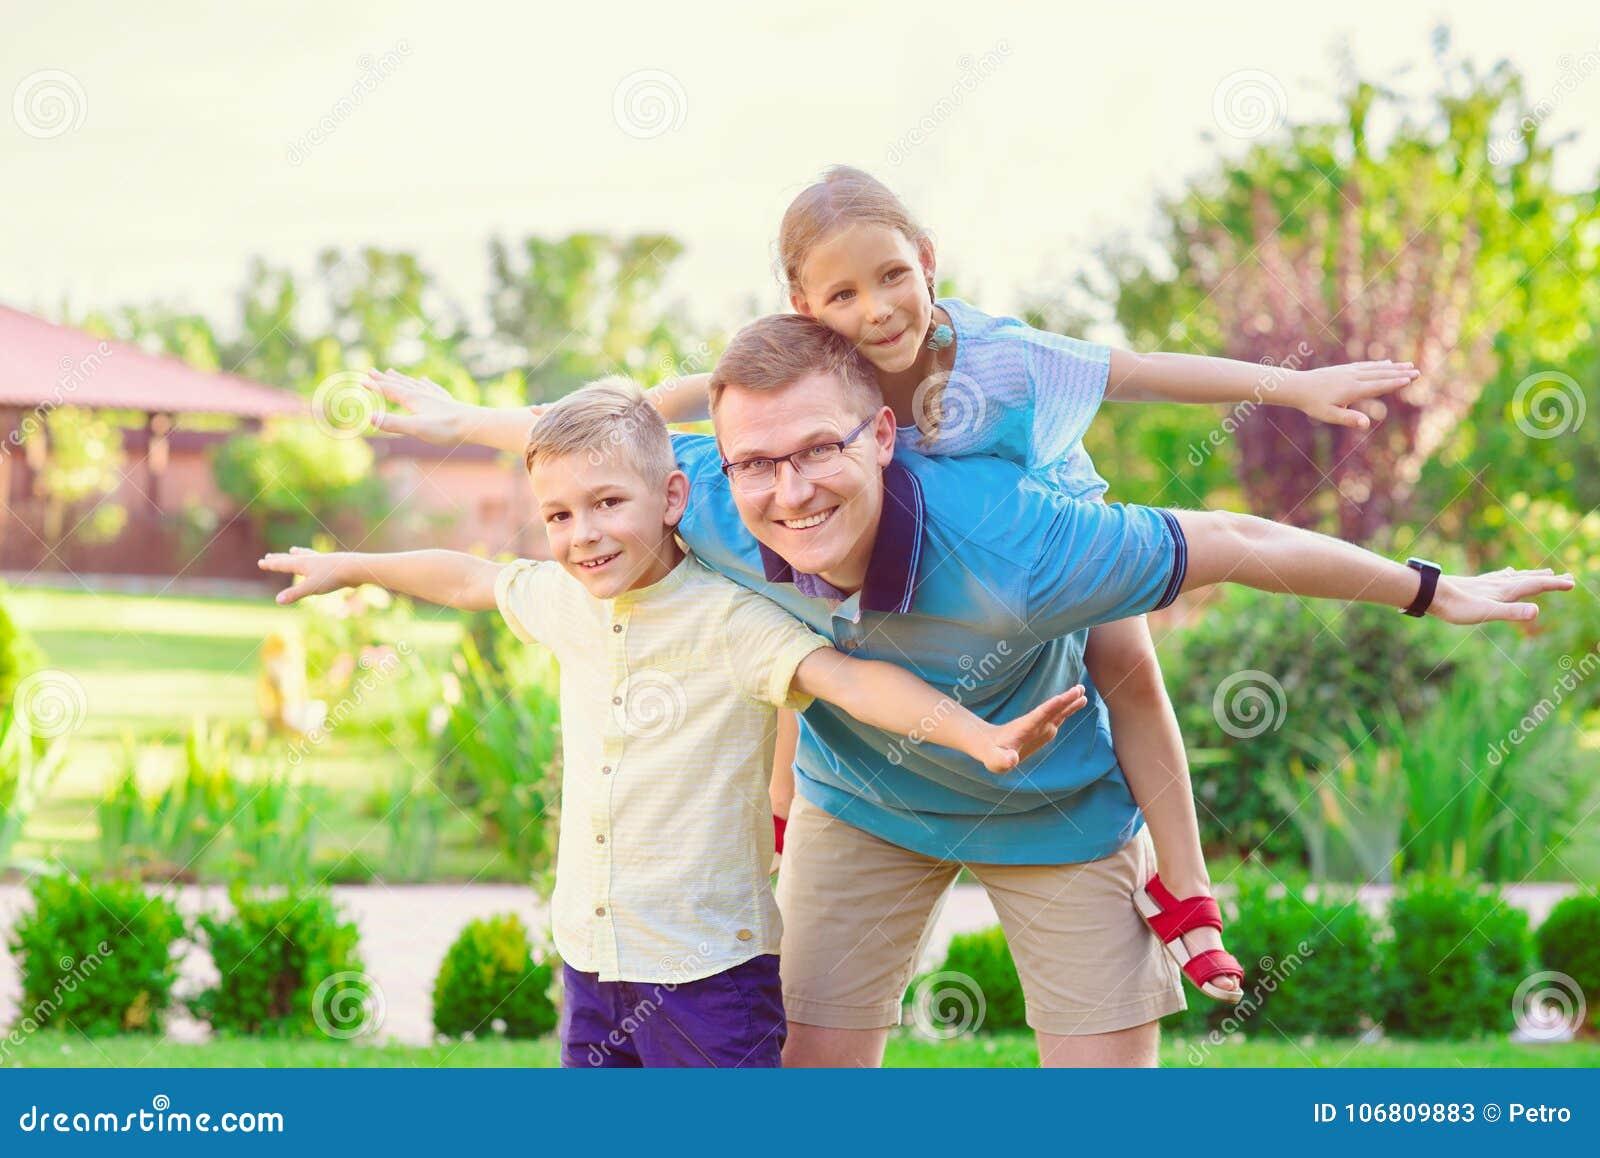 Porträt des glücklichen Vaters und zwei netten der Kinder, die an courty spielen